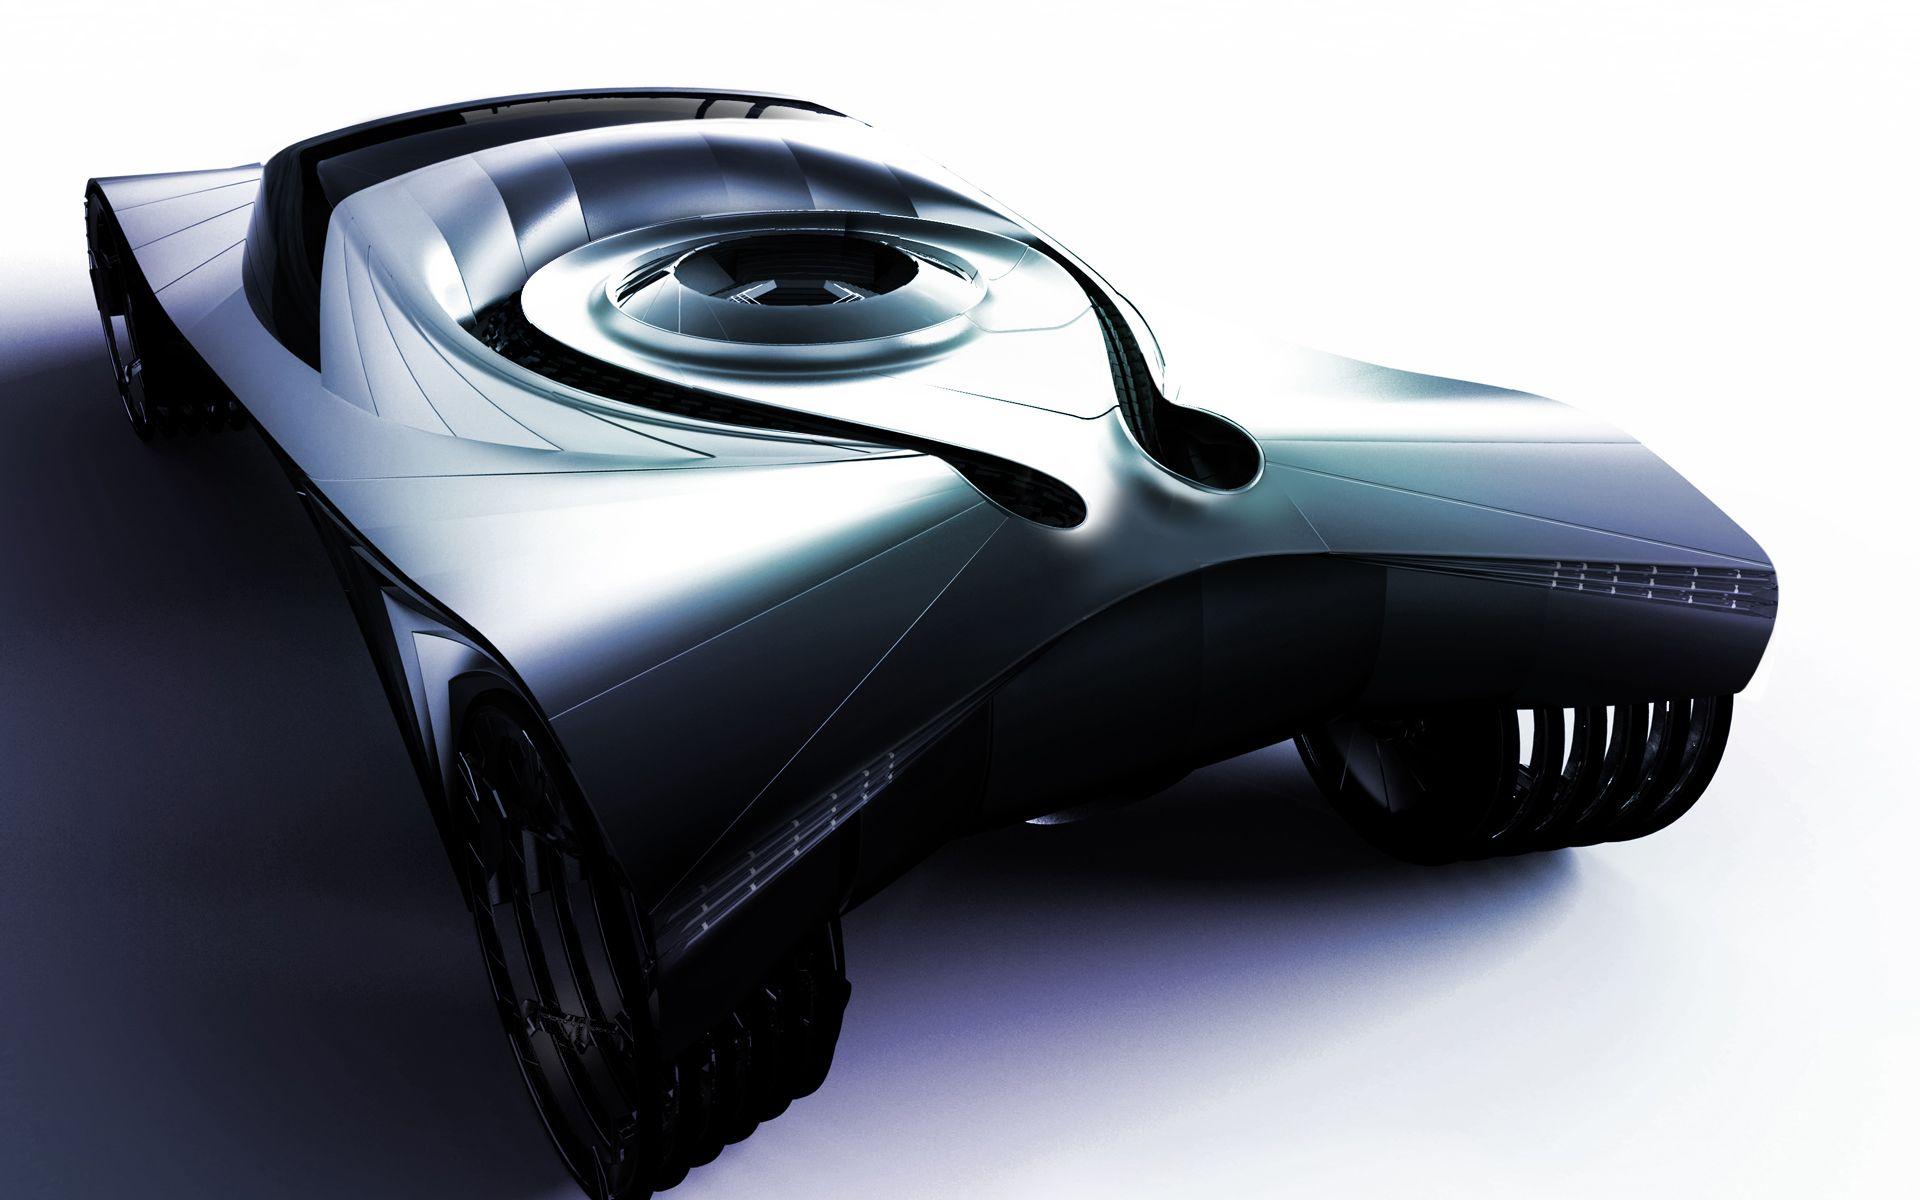 World Thorium Fuel Vehicle by Loren Kulesus at Coroflot.com